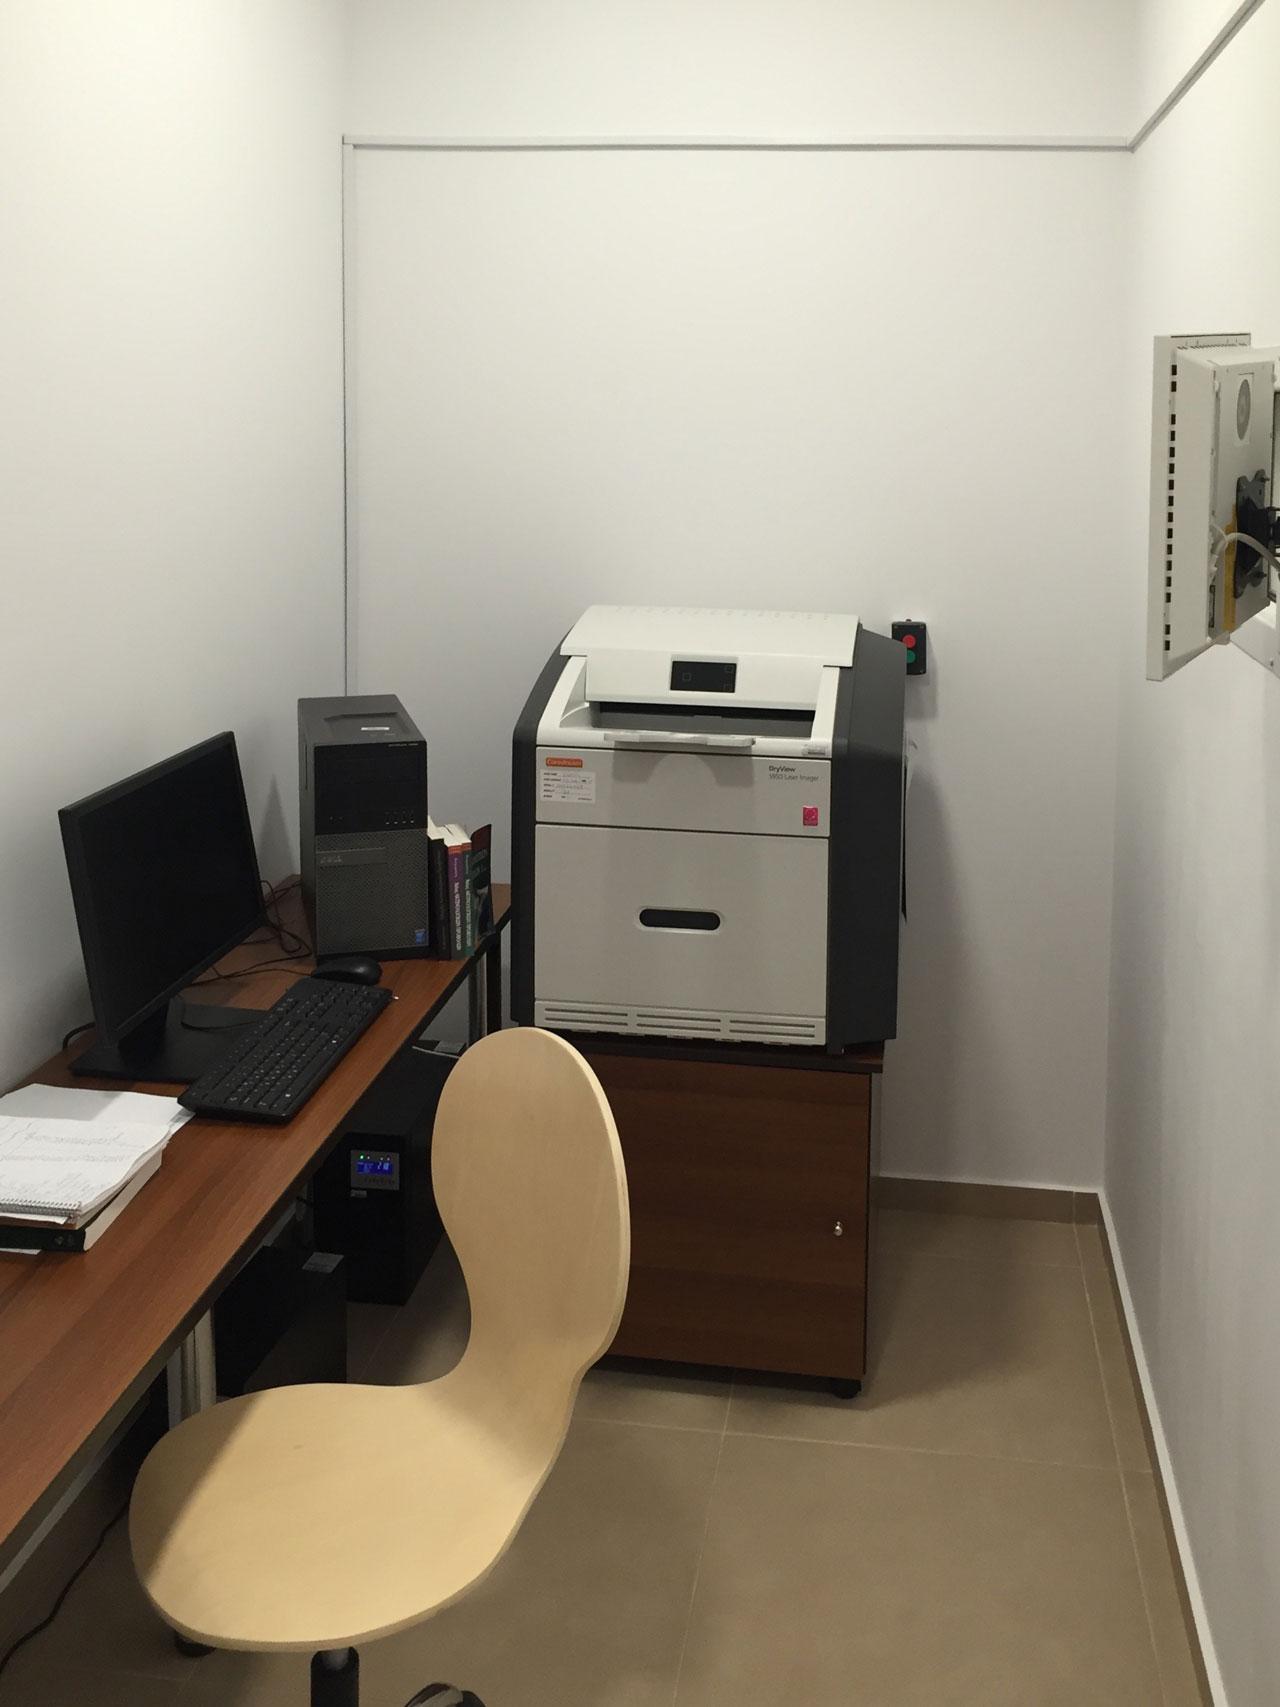 Διαμόρφωση διαγνωστικού κέντρου και εγκατάσταση εξοπλισμού